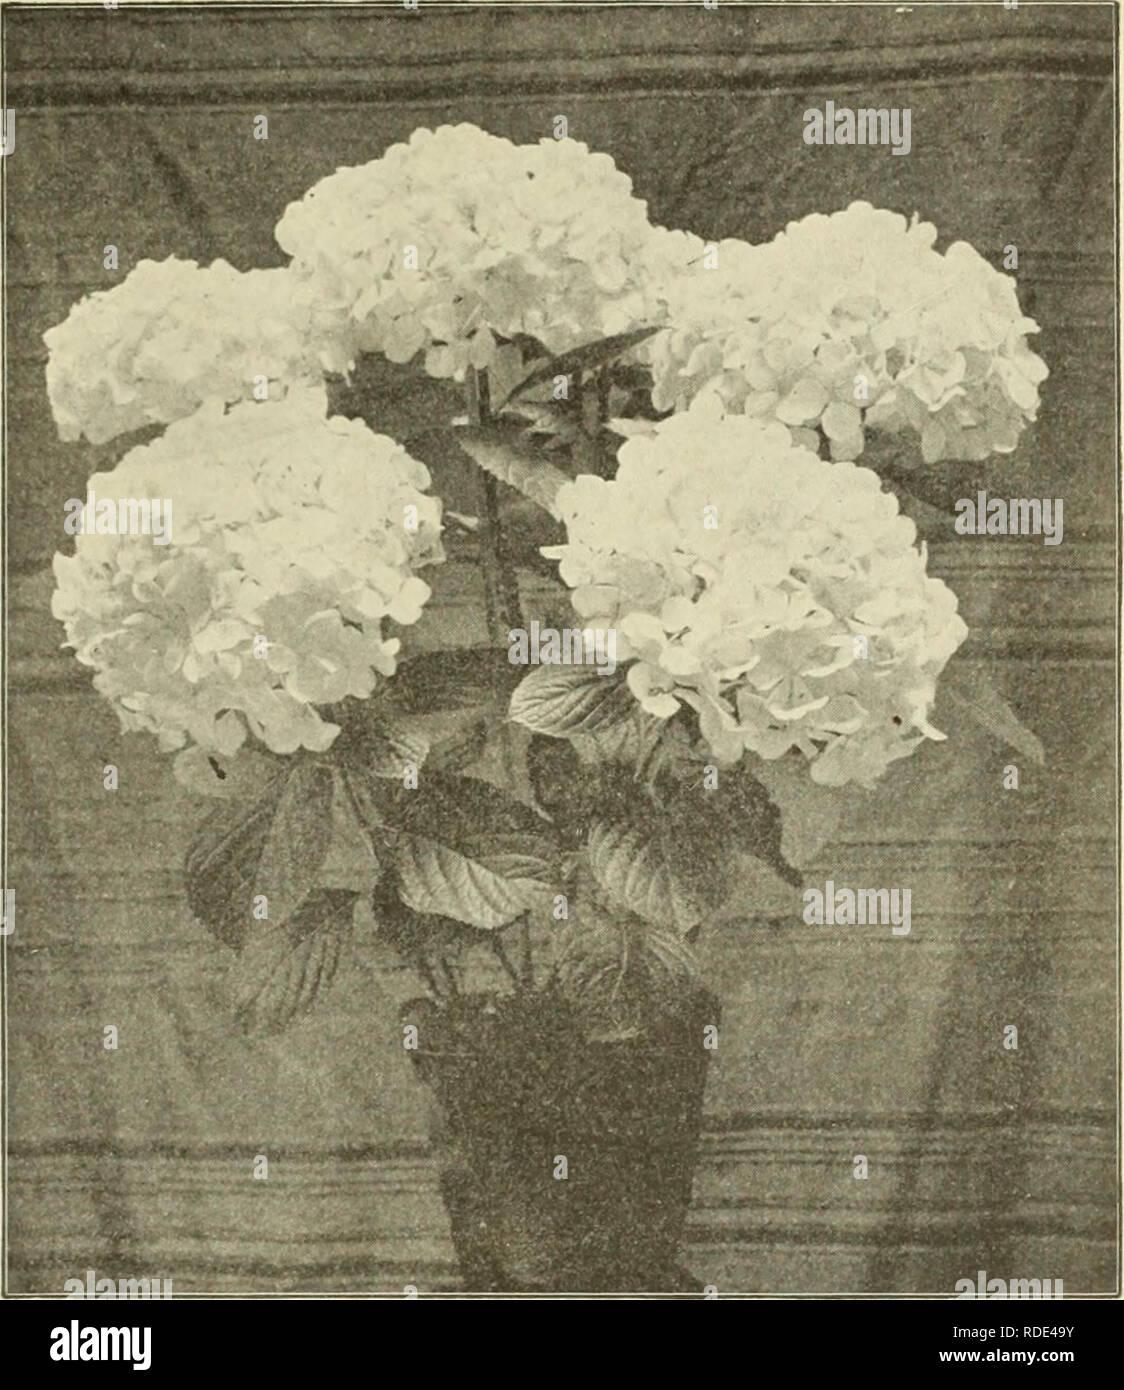 E  G  Hill & Co , wholesale florists  Nurseries (Horticulture